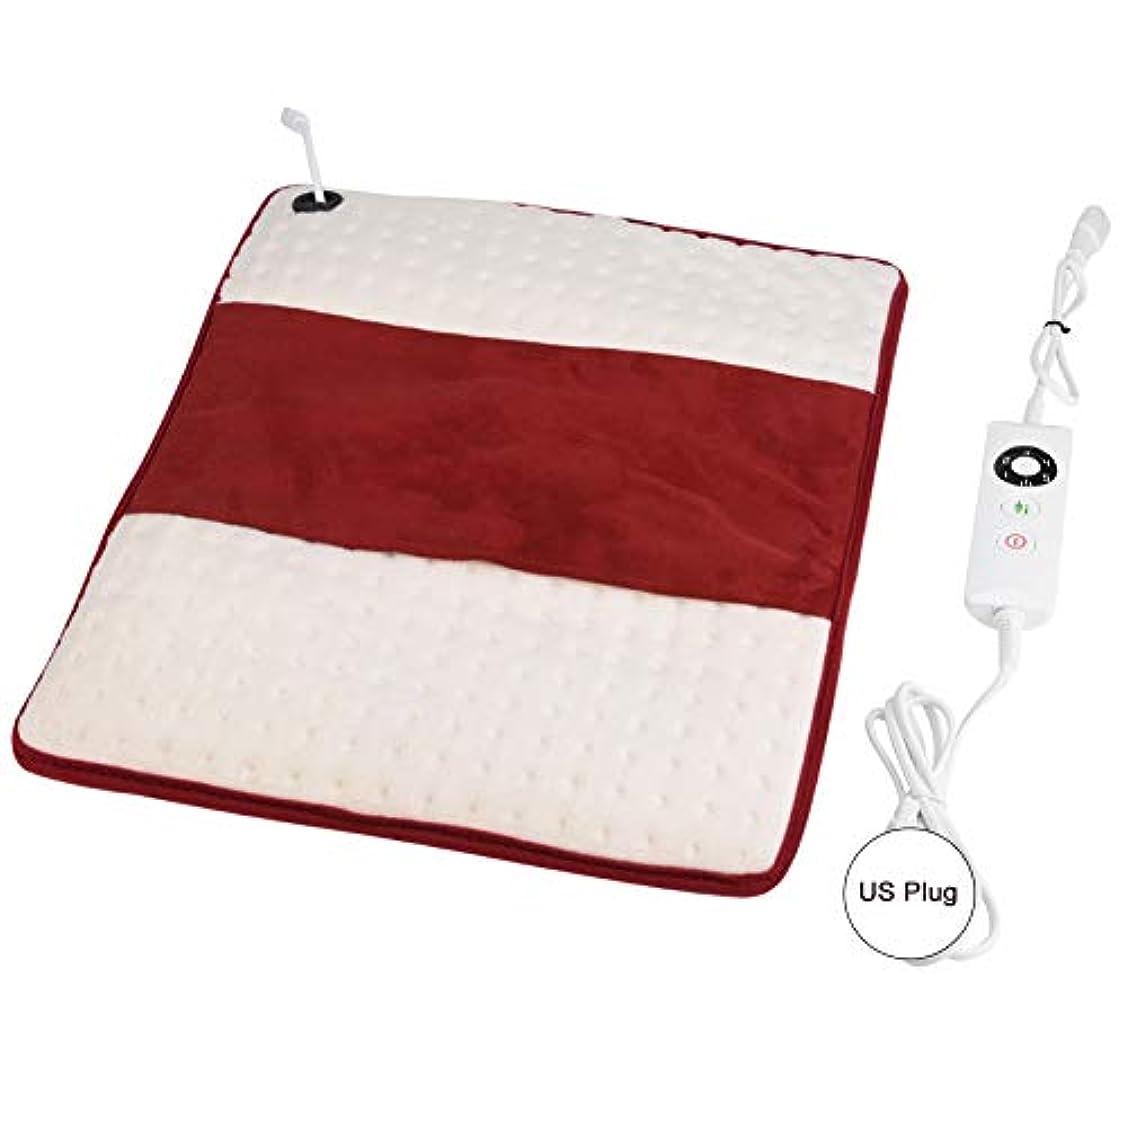 飲食店入射黄ばむ電気暖房のパッド、多機能の電気暖房療法のパッドの洗濯できる腰痛の救助のマット(US Plug)